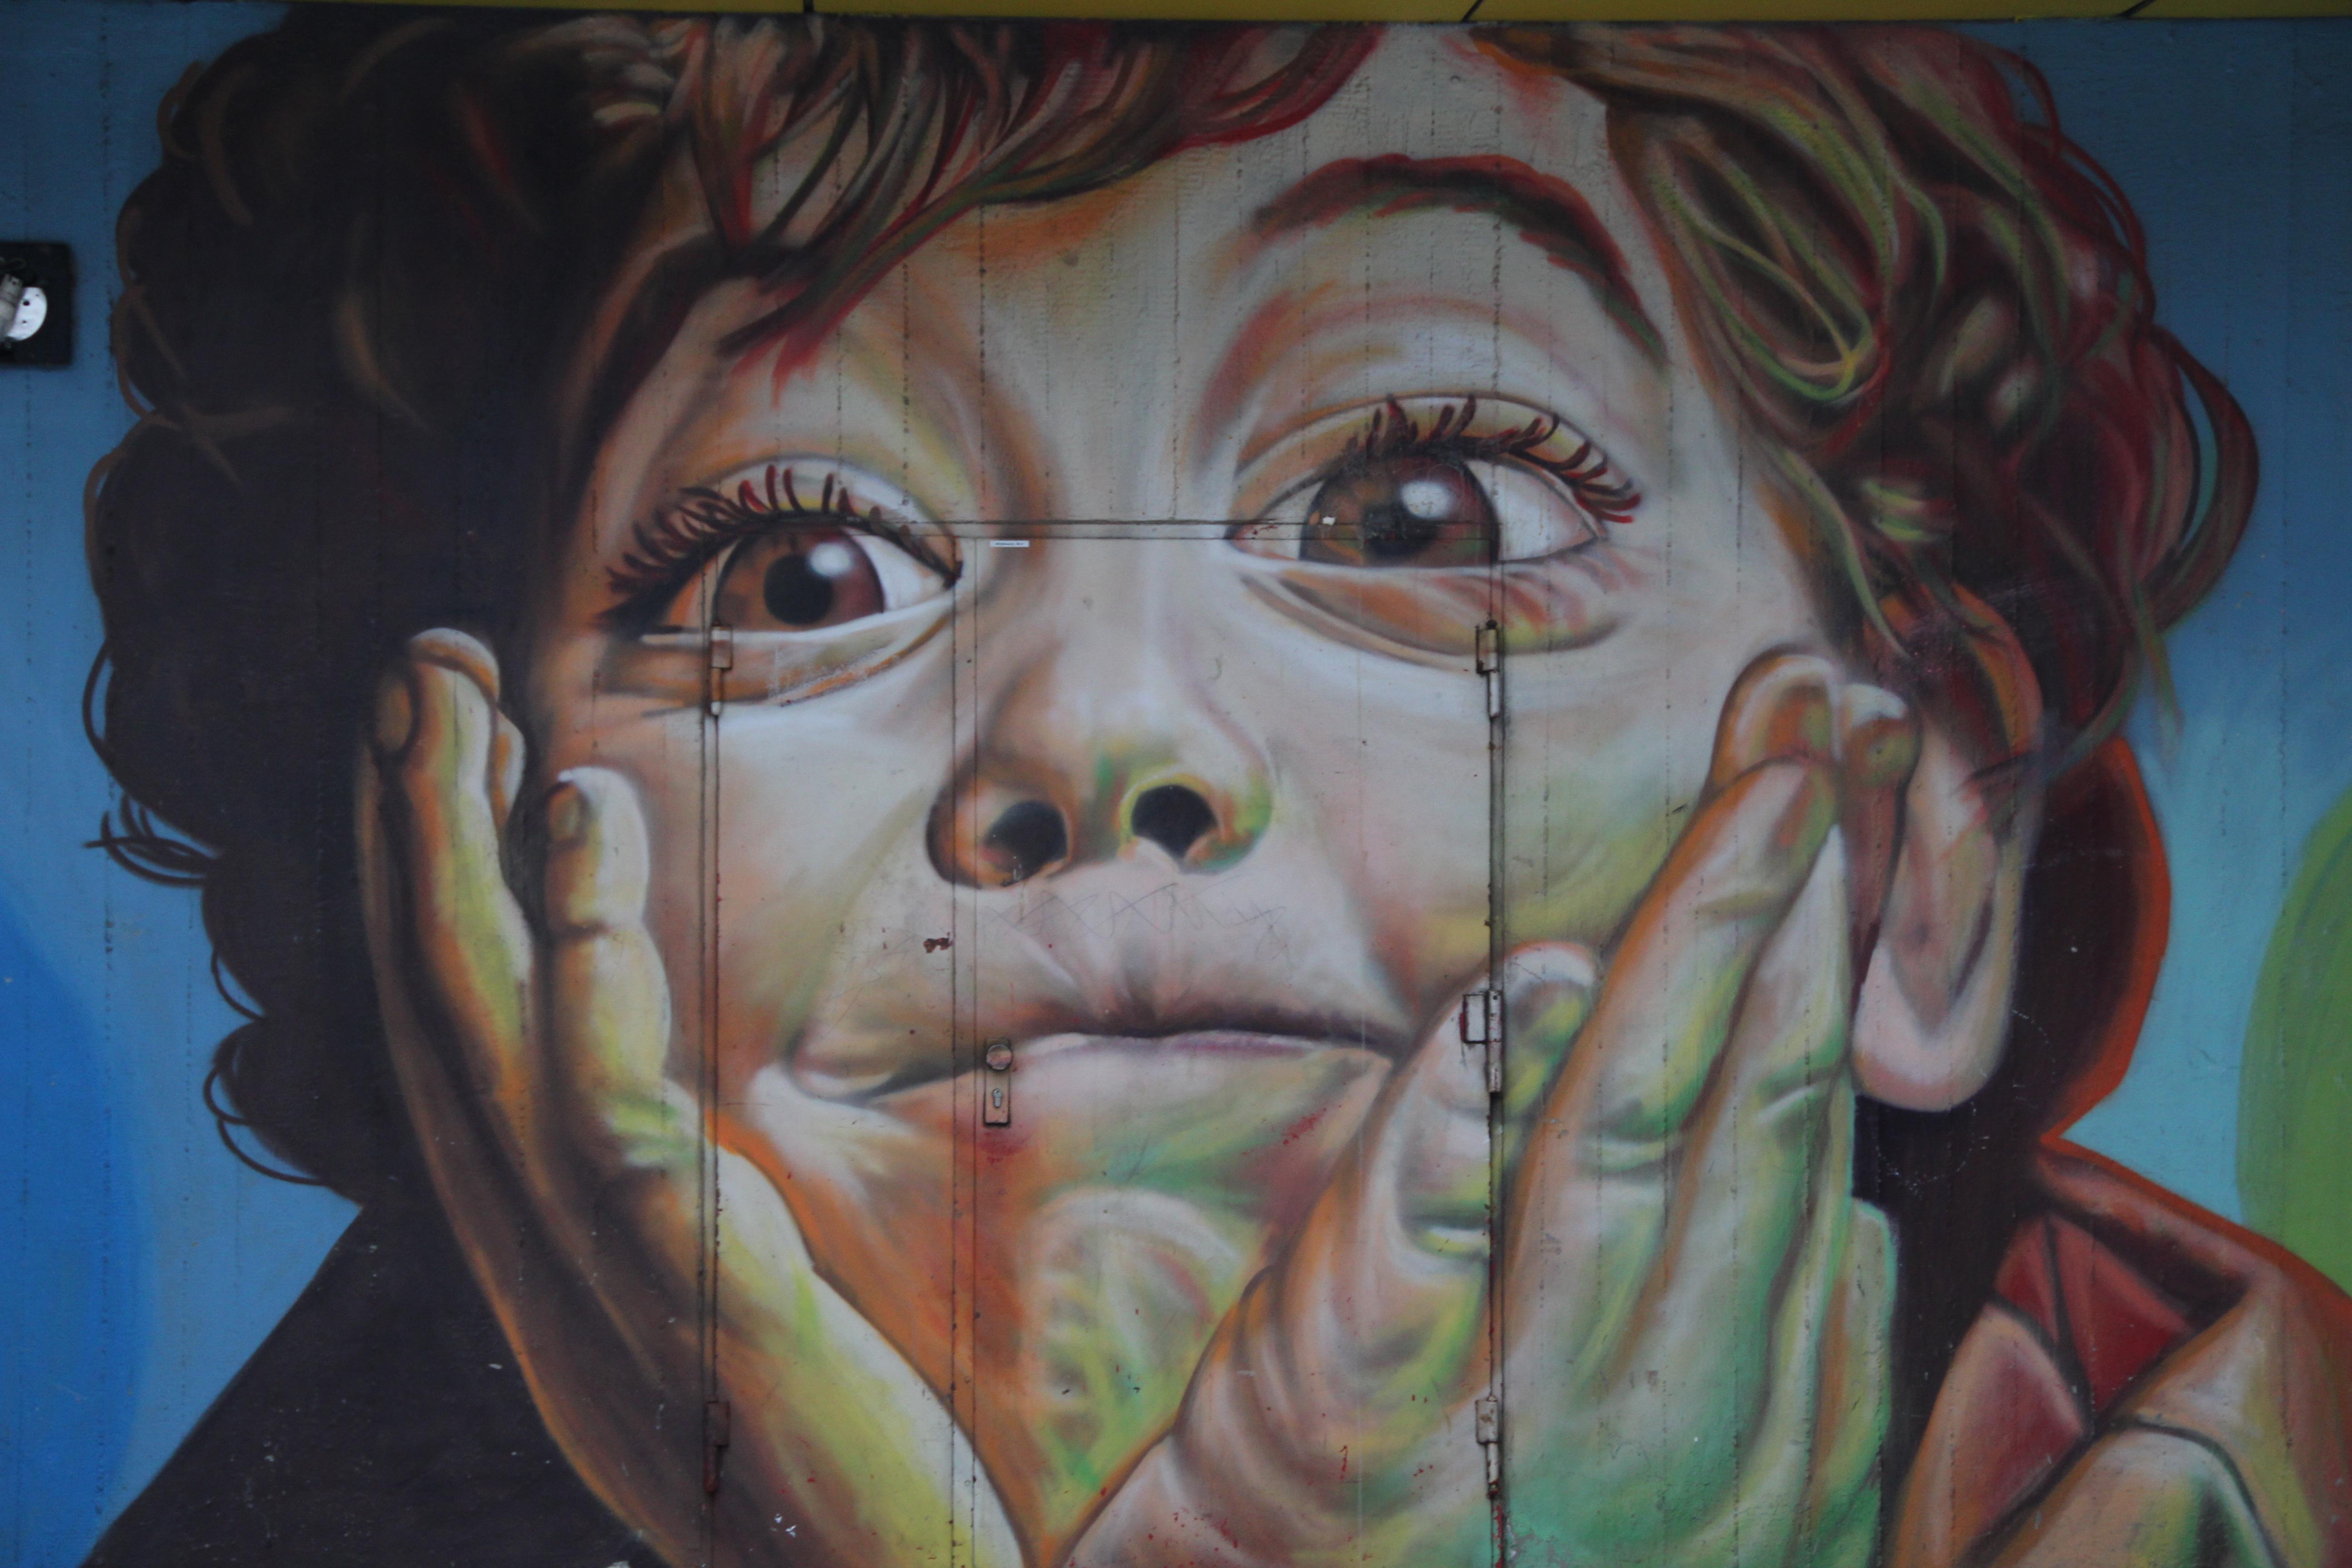 Gratis afbeeldingen jongen portret kleur graffiti schilderij